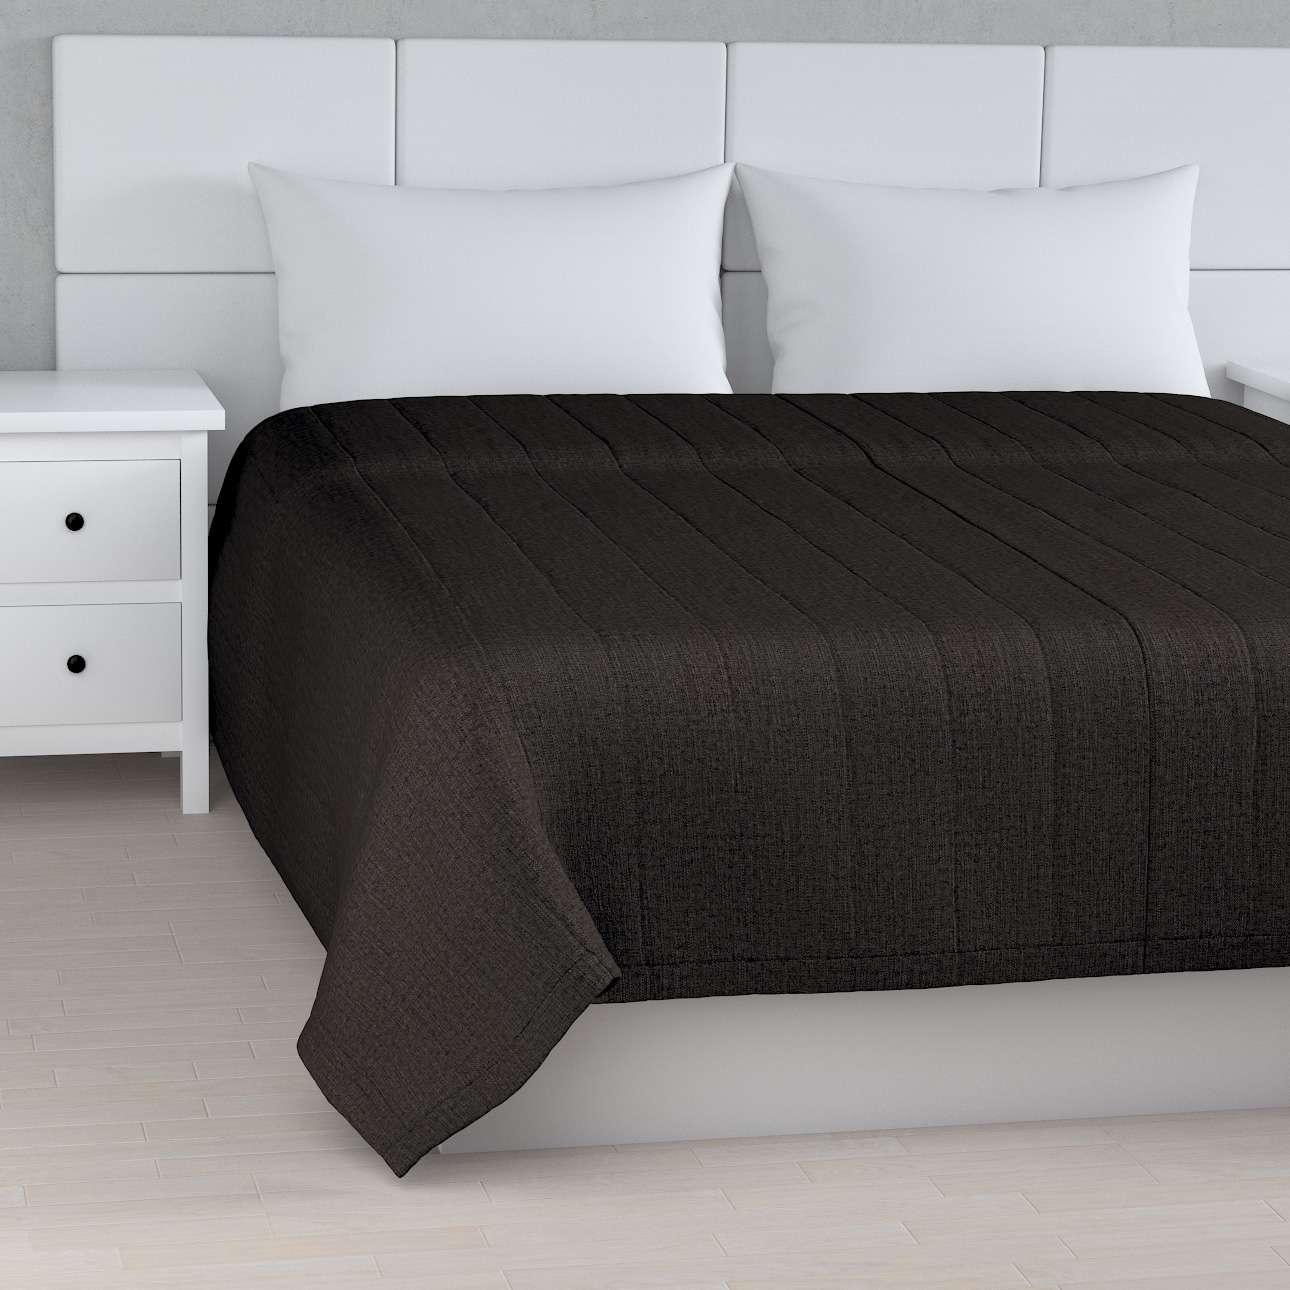 Tagesdecke mit Streifen-Steppung von der Kollektion Etna, Stoff: 702-36